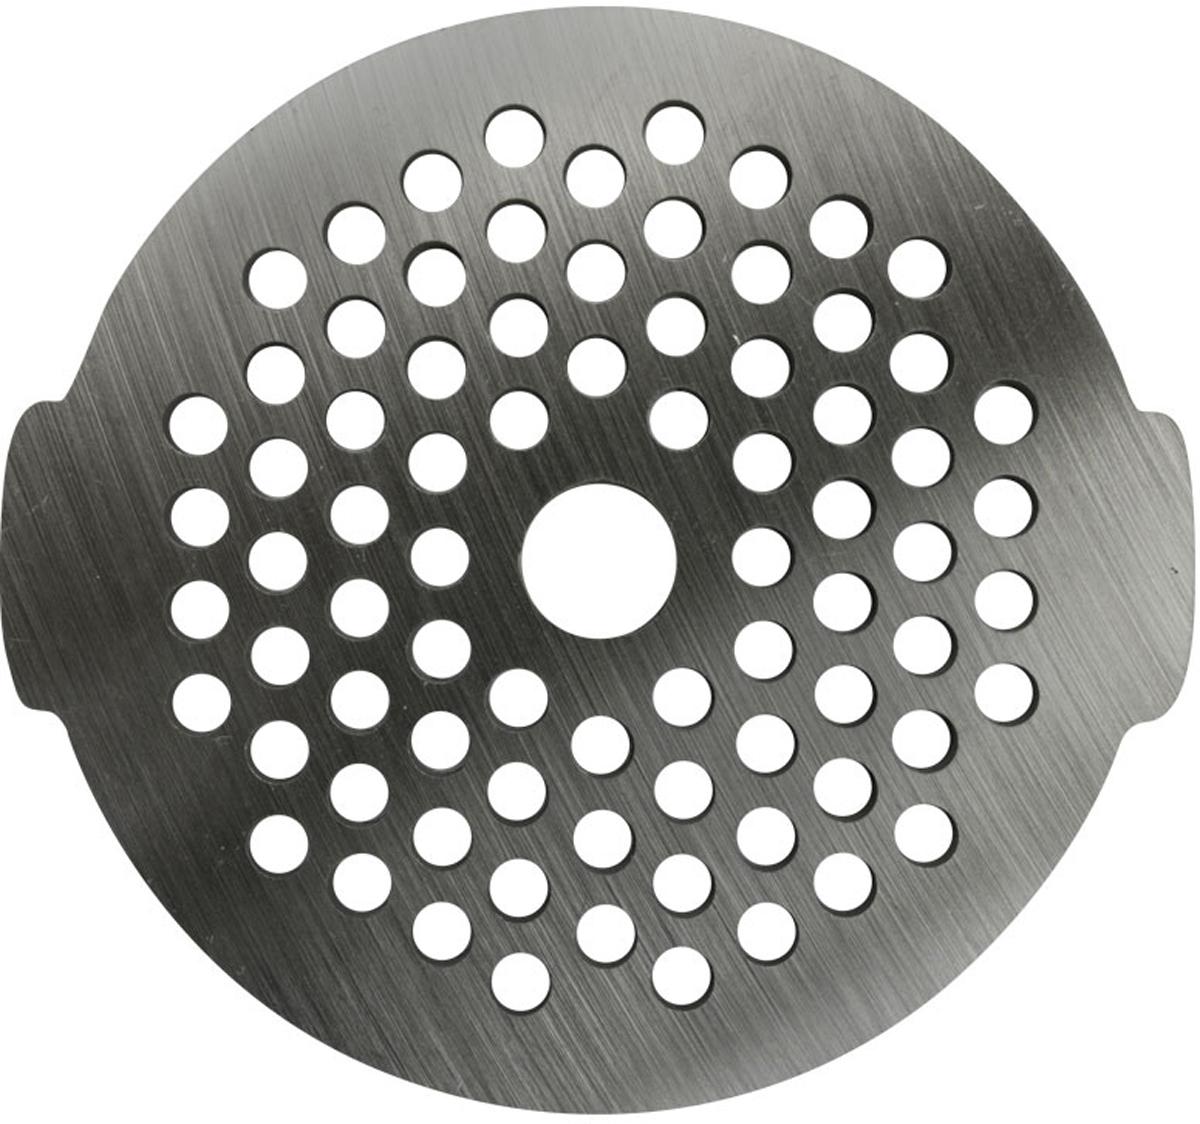 Euro Kitchen GR3-3 решетка для мясорубкиGR3-3Решетка Euro Kitchen GR3-3 предназначена для работы с электрическими мясорубками марки Bosch. Она с легкостью заменит фирменную деталь, не уступив ей по качеству и сроку службы. Высокая производительность и долгий срок службы современных электрических и ручных мясорубок зависят, в первую очередь, от режущих механизмов и их выработки. Своевременная профилактика и замена режущих ивспомогательных элементов способствуют уменьшению нагрузки на узлы и другие механизмы, гарантируя долгую и качественную работу вашей мясорубки. Диаметр отверстий в решетке: 3 мм.